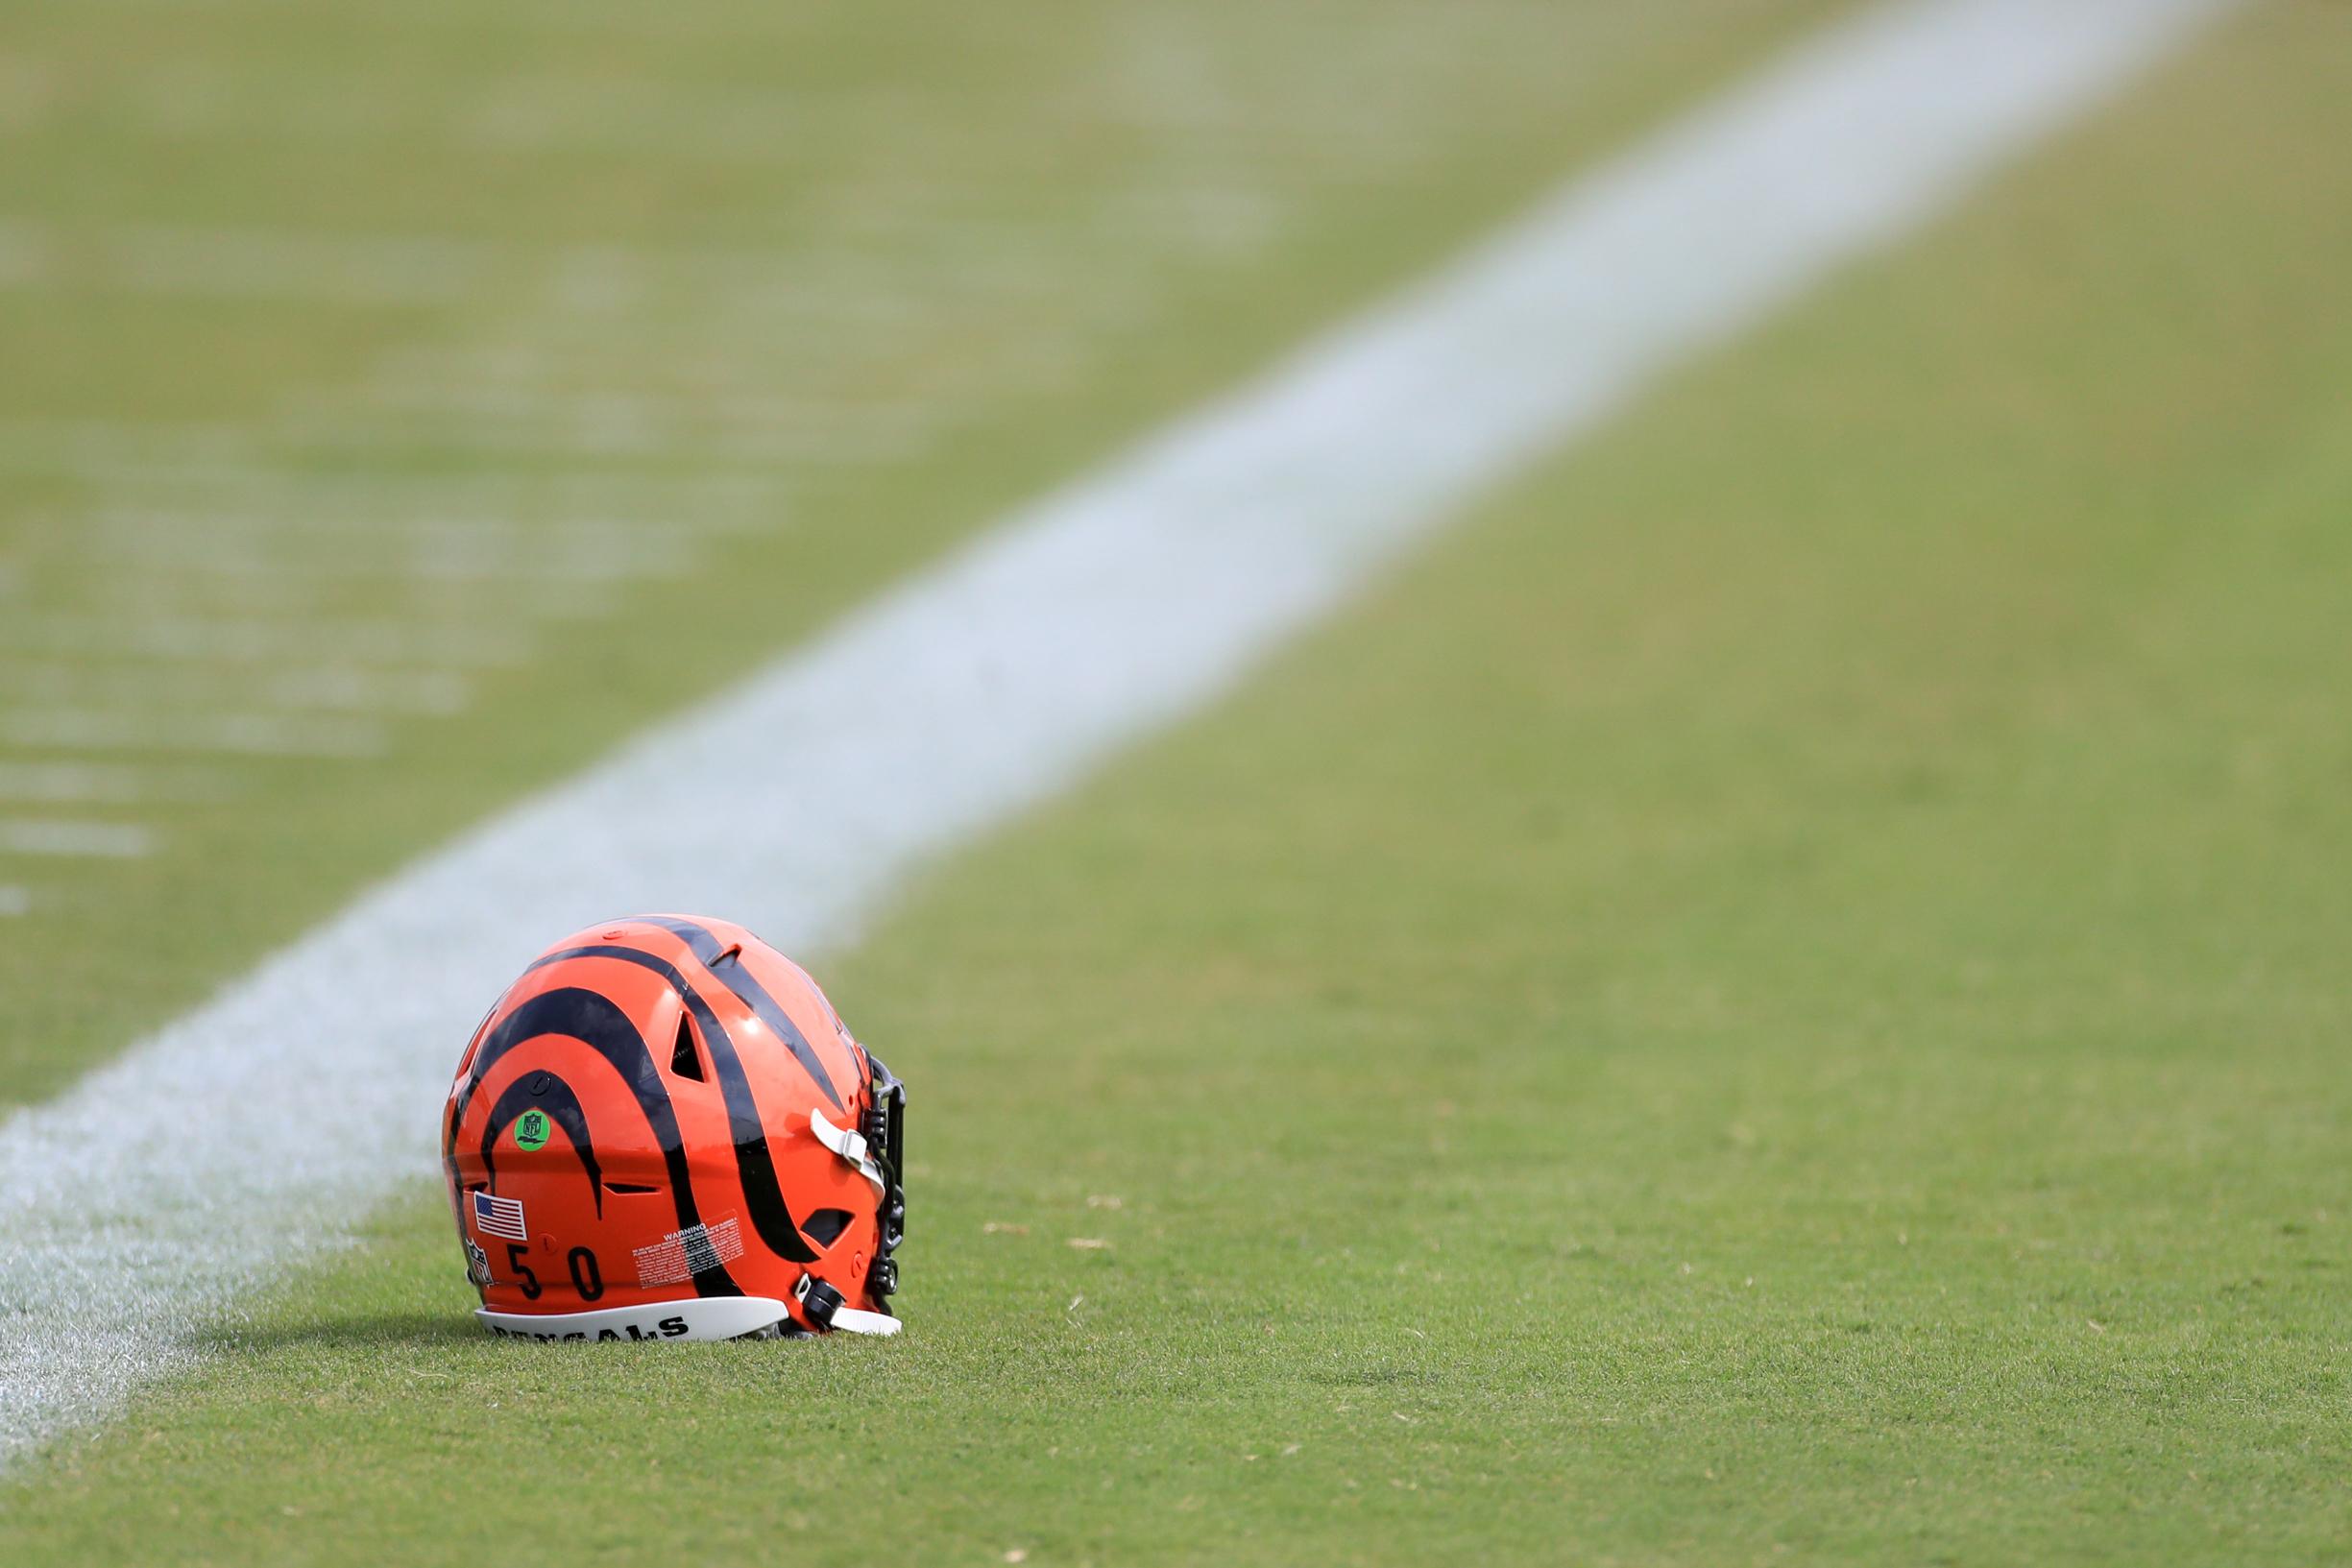 NFL: AUG 06 Cincinnati Bengals Training Camp